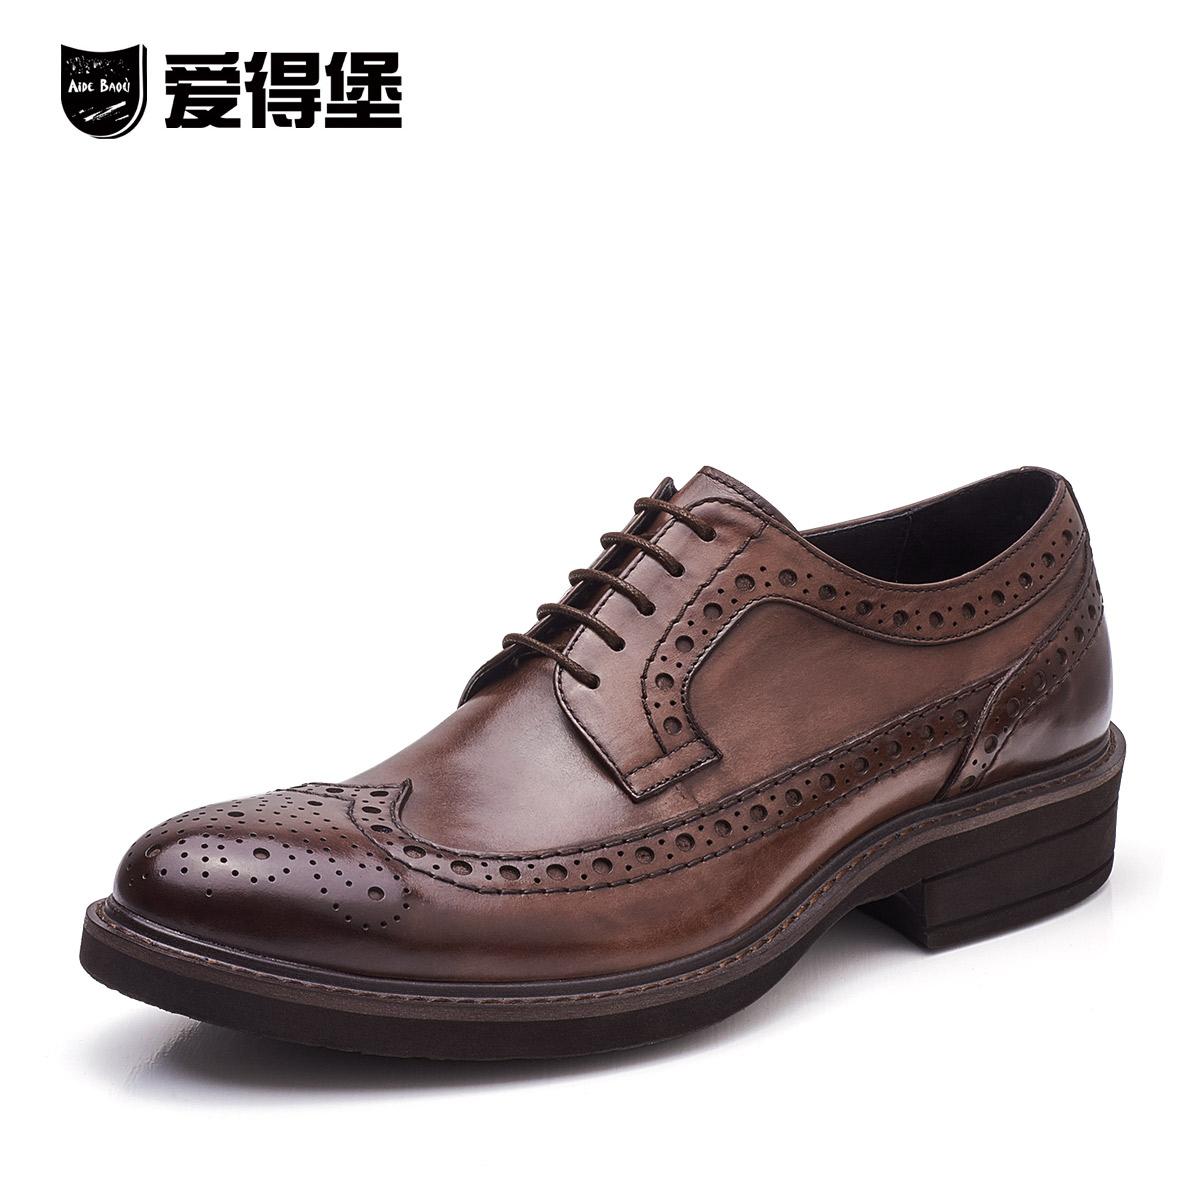 爱得堡布洛克男鞋休闲皮鞋男英伦雕花皮鞋男手工商务韩版牛津皮鞋